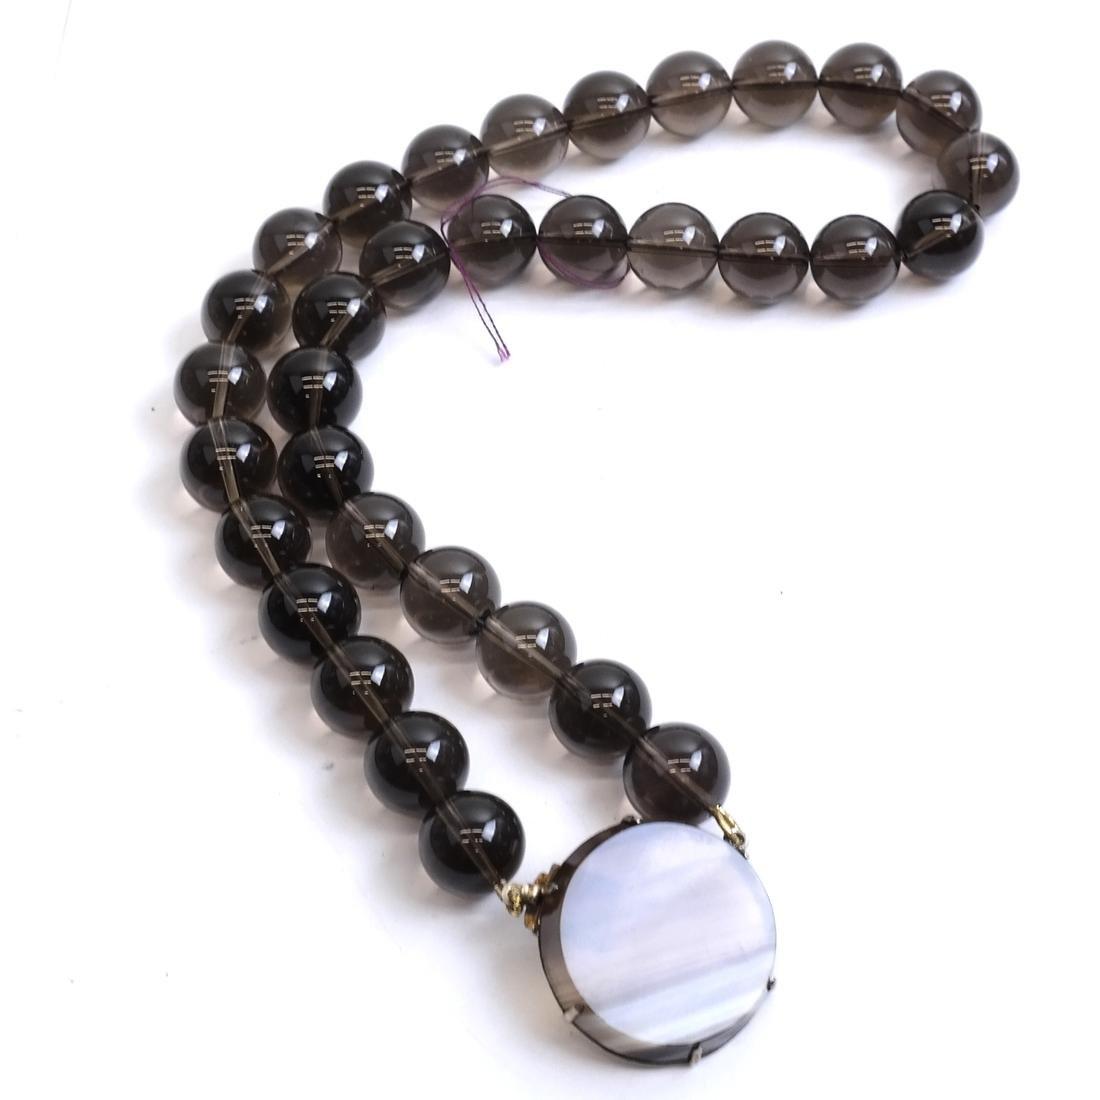 Jade and Assorted Neckaces & Bracelets - 6